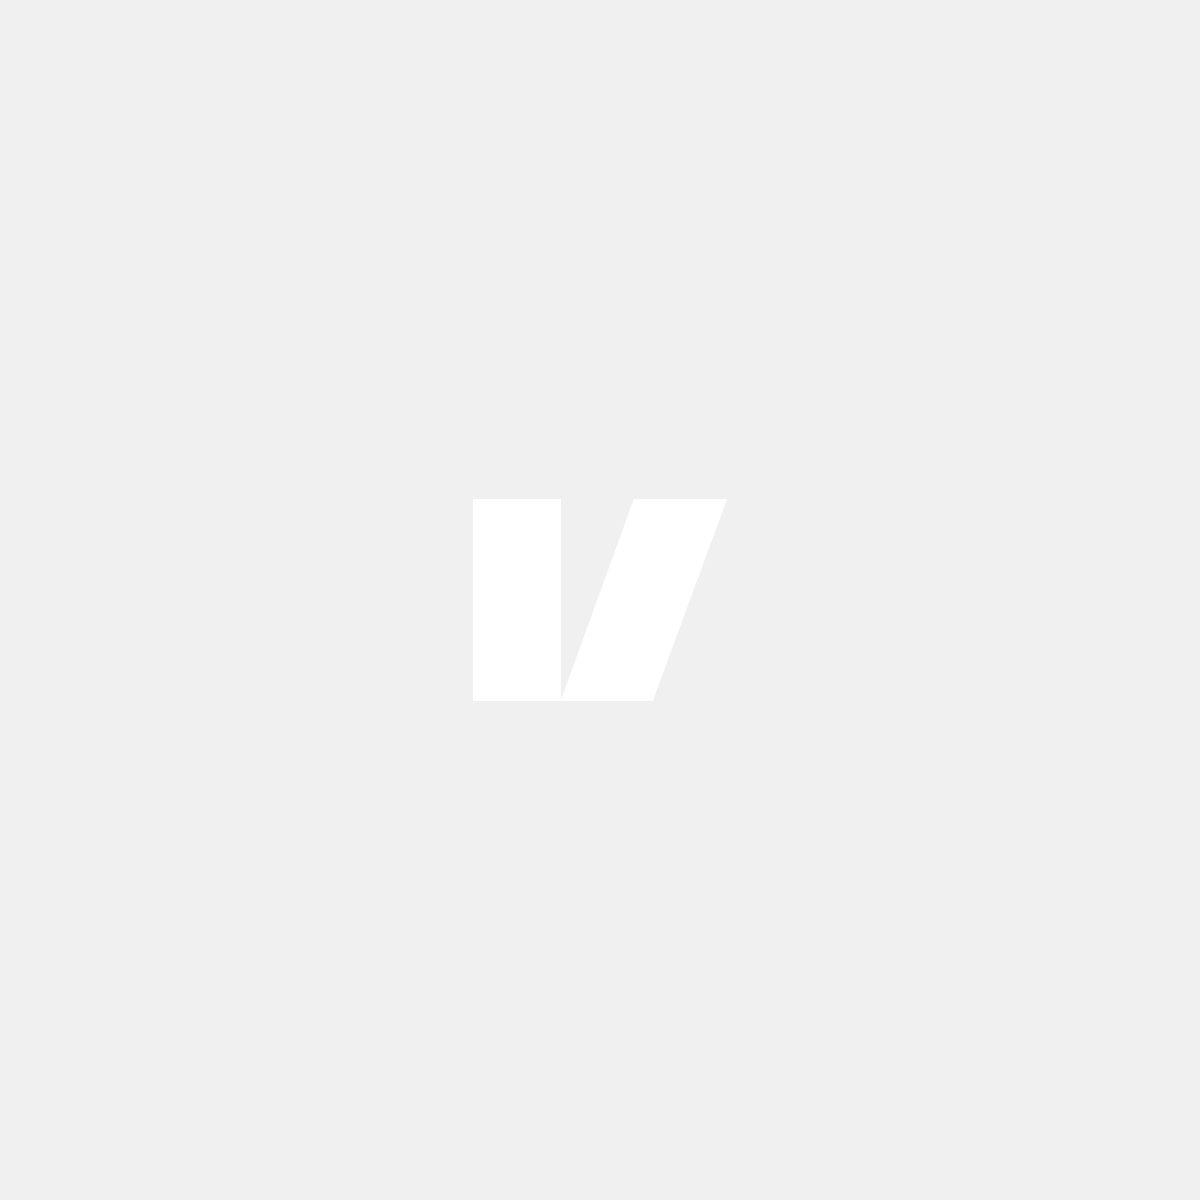 Bakljus till Volvo 244 81-93, kromad list, förarsidan